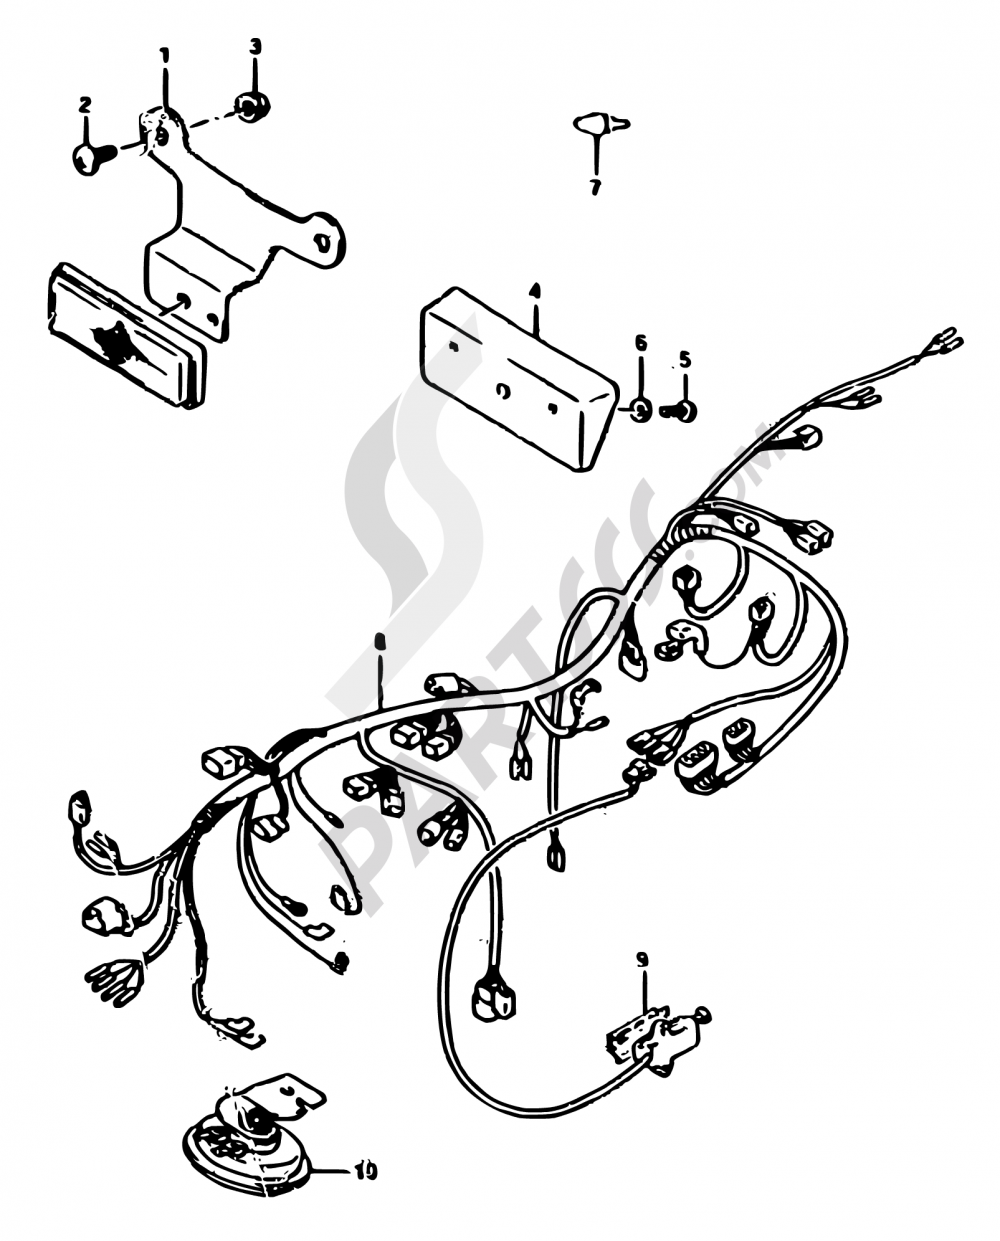 7 Wiring Harness E02e21e22e24 Suzuki Rgv250 1990